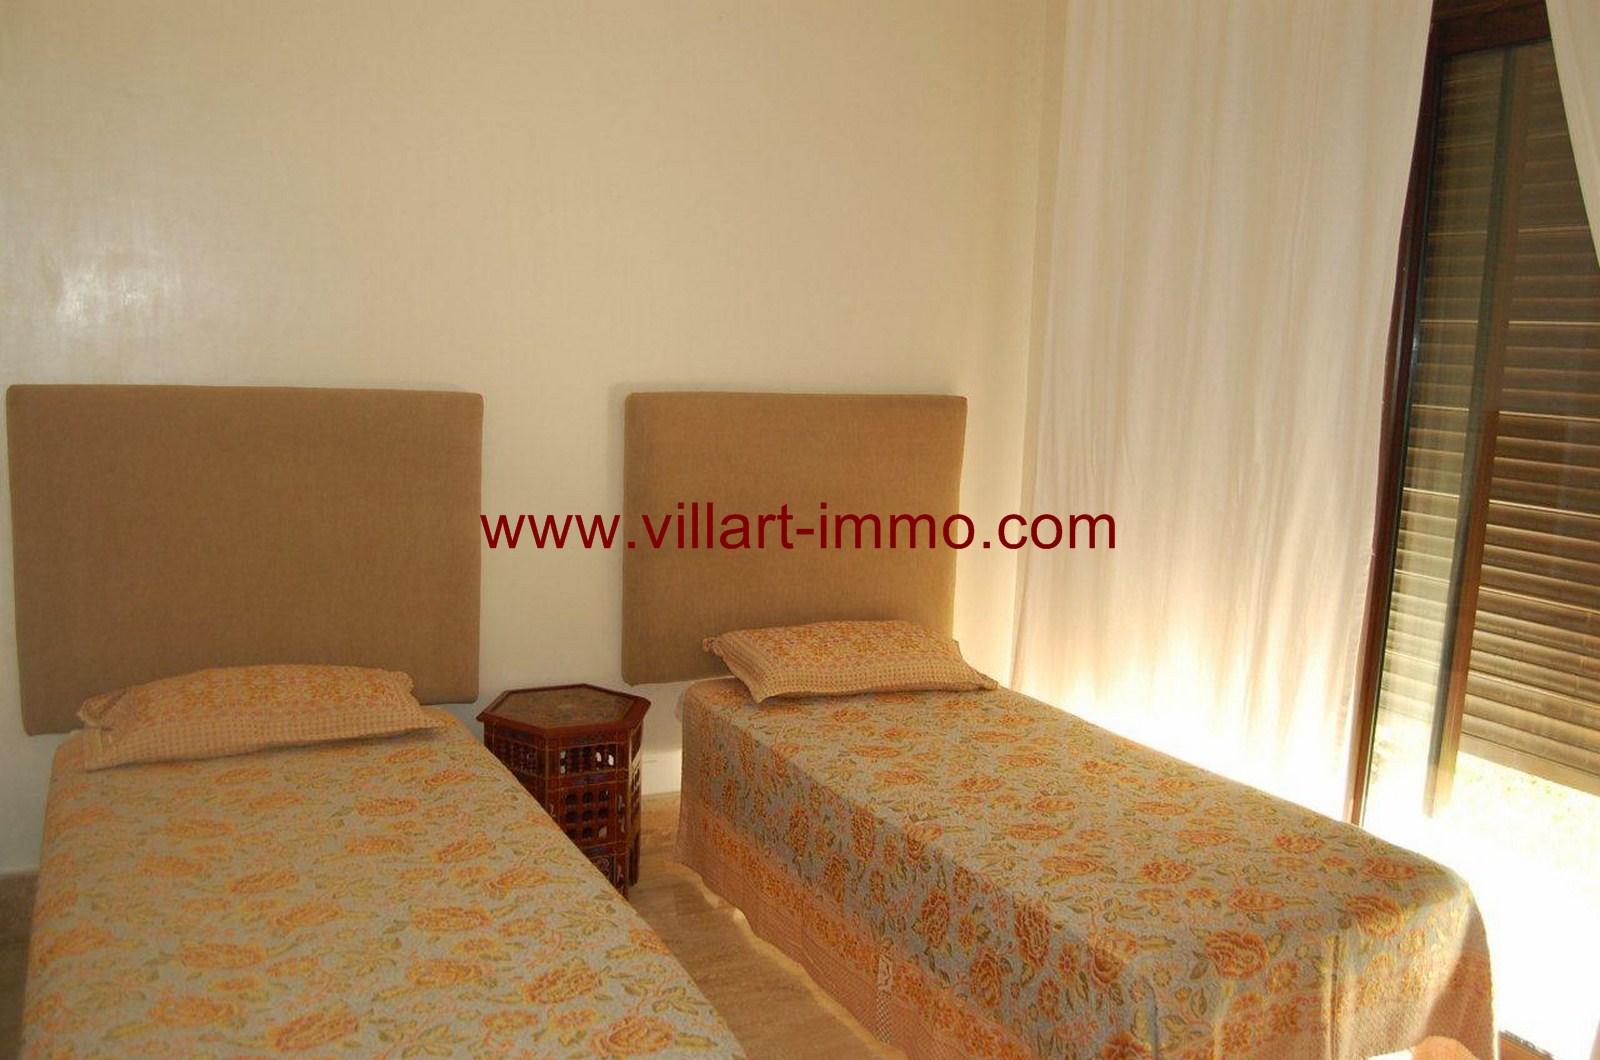 6-vente-appartement-tanger-achakar-chambre-1-va388-villart-immo